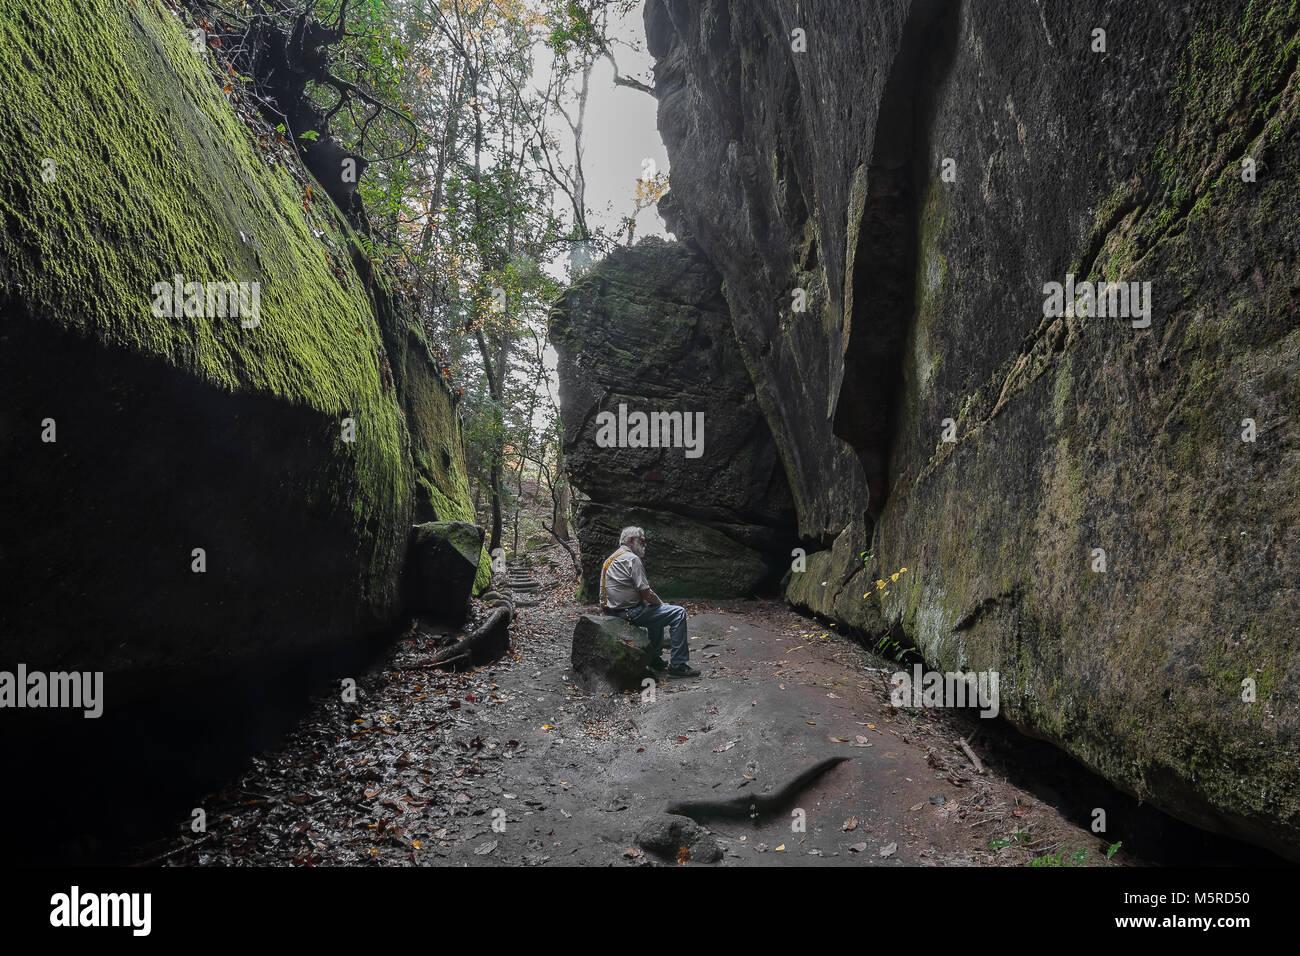 Ein Mensch sitzt und grübelt über Leben, während sie durch Felswände an Dismals Canyon in Franklin Stockbild